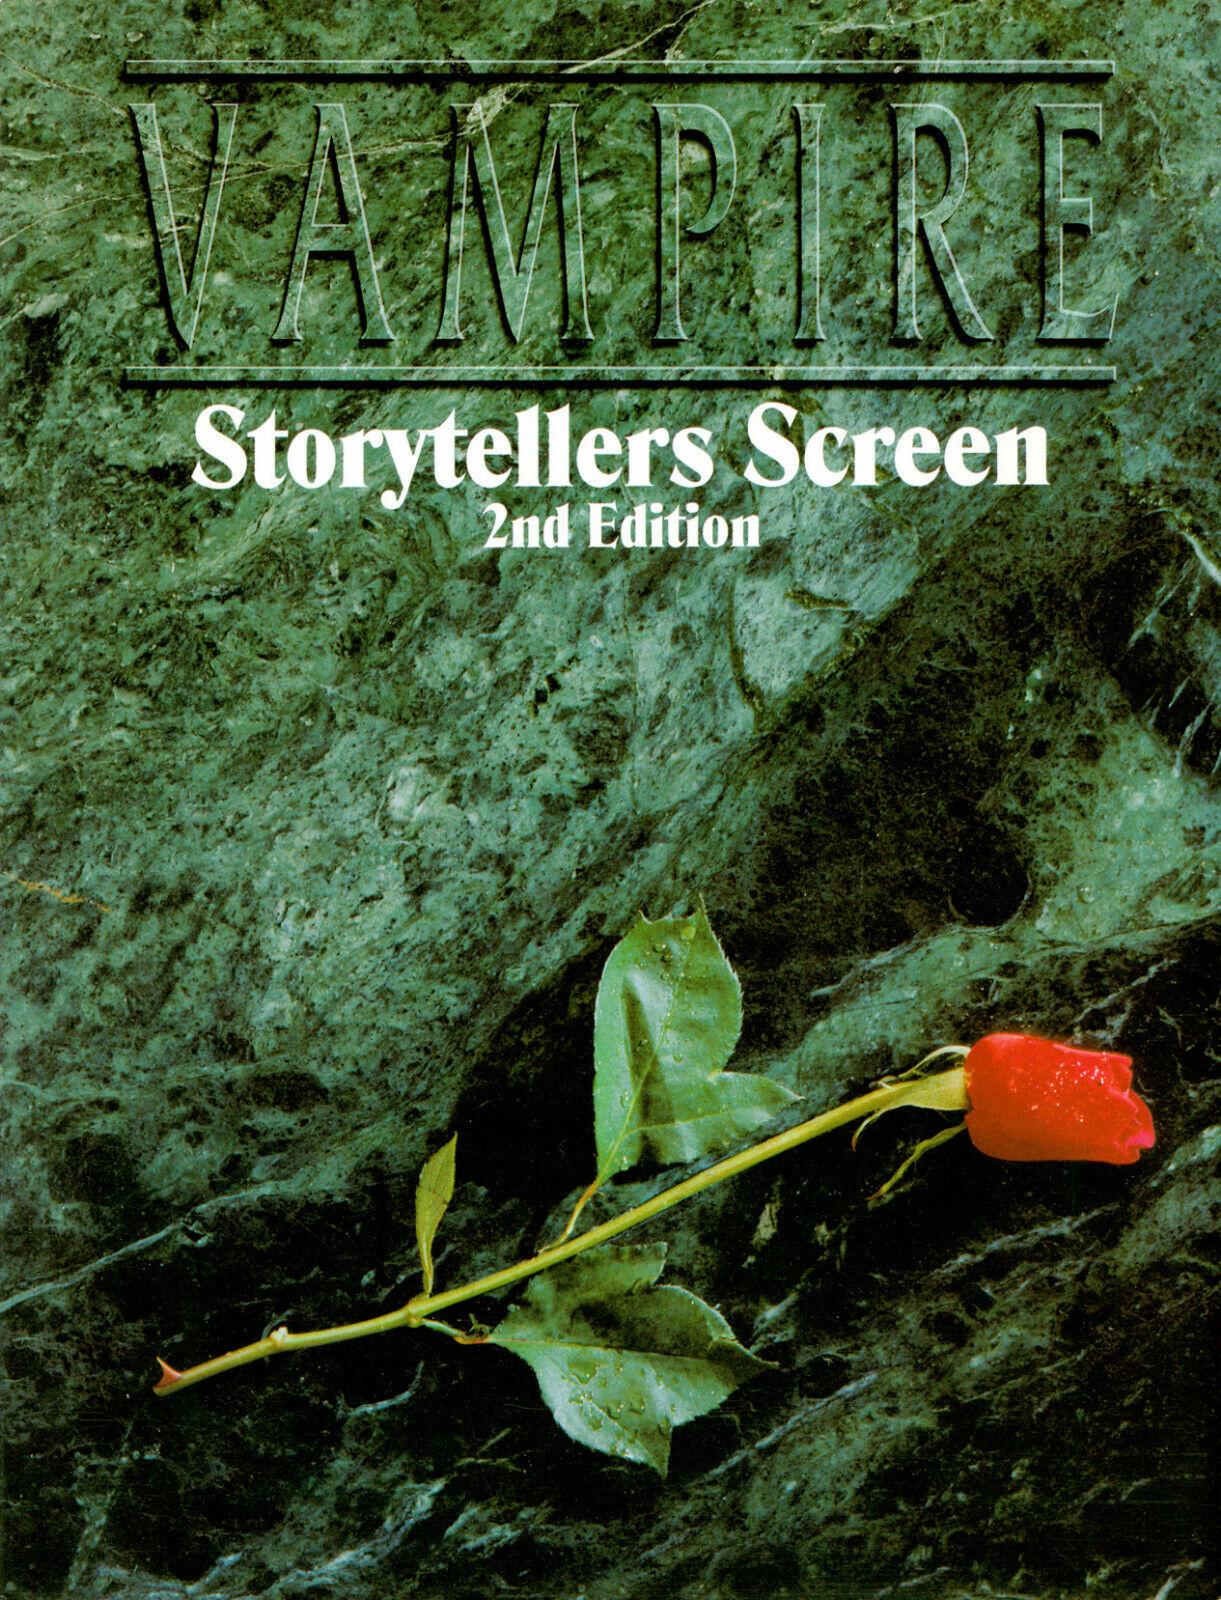 VAMPIRO I Narratori Schermo seconda edizione con  supplemento  molte sorprese